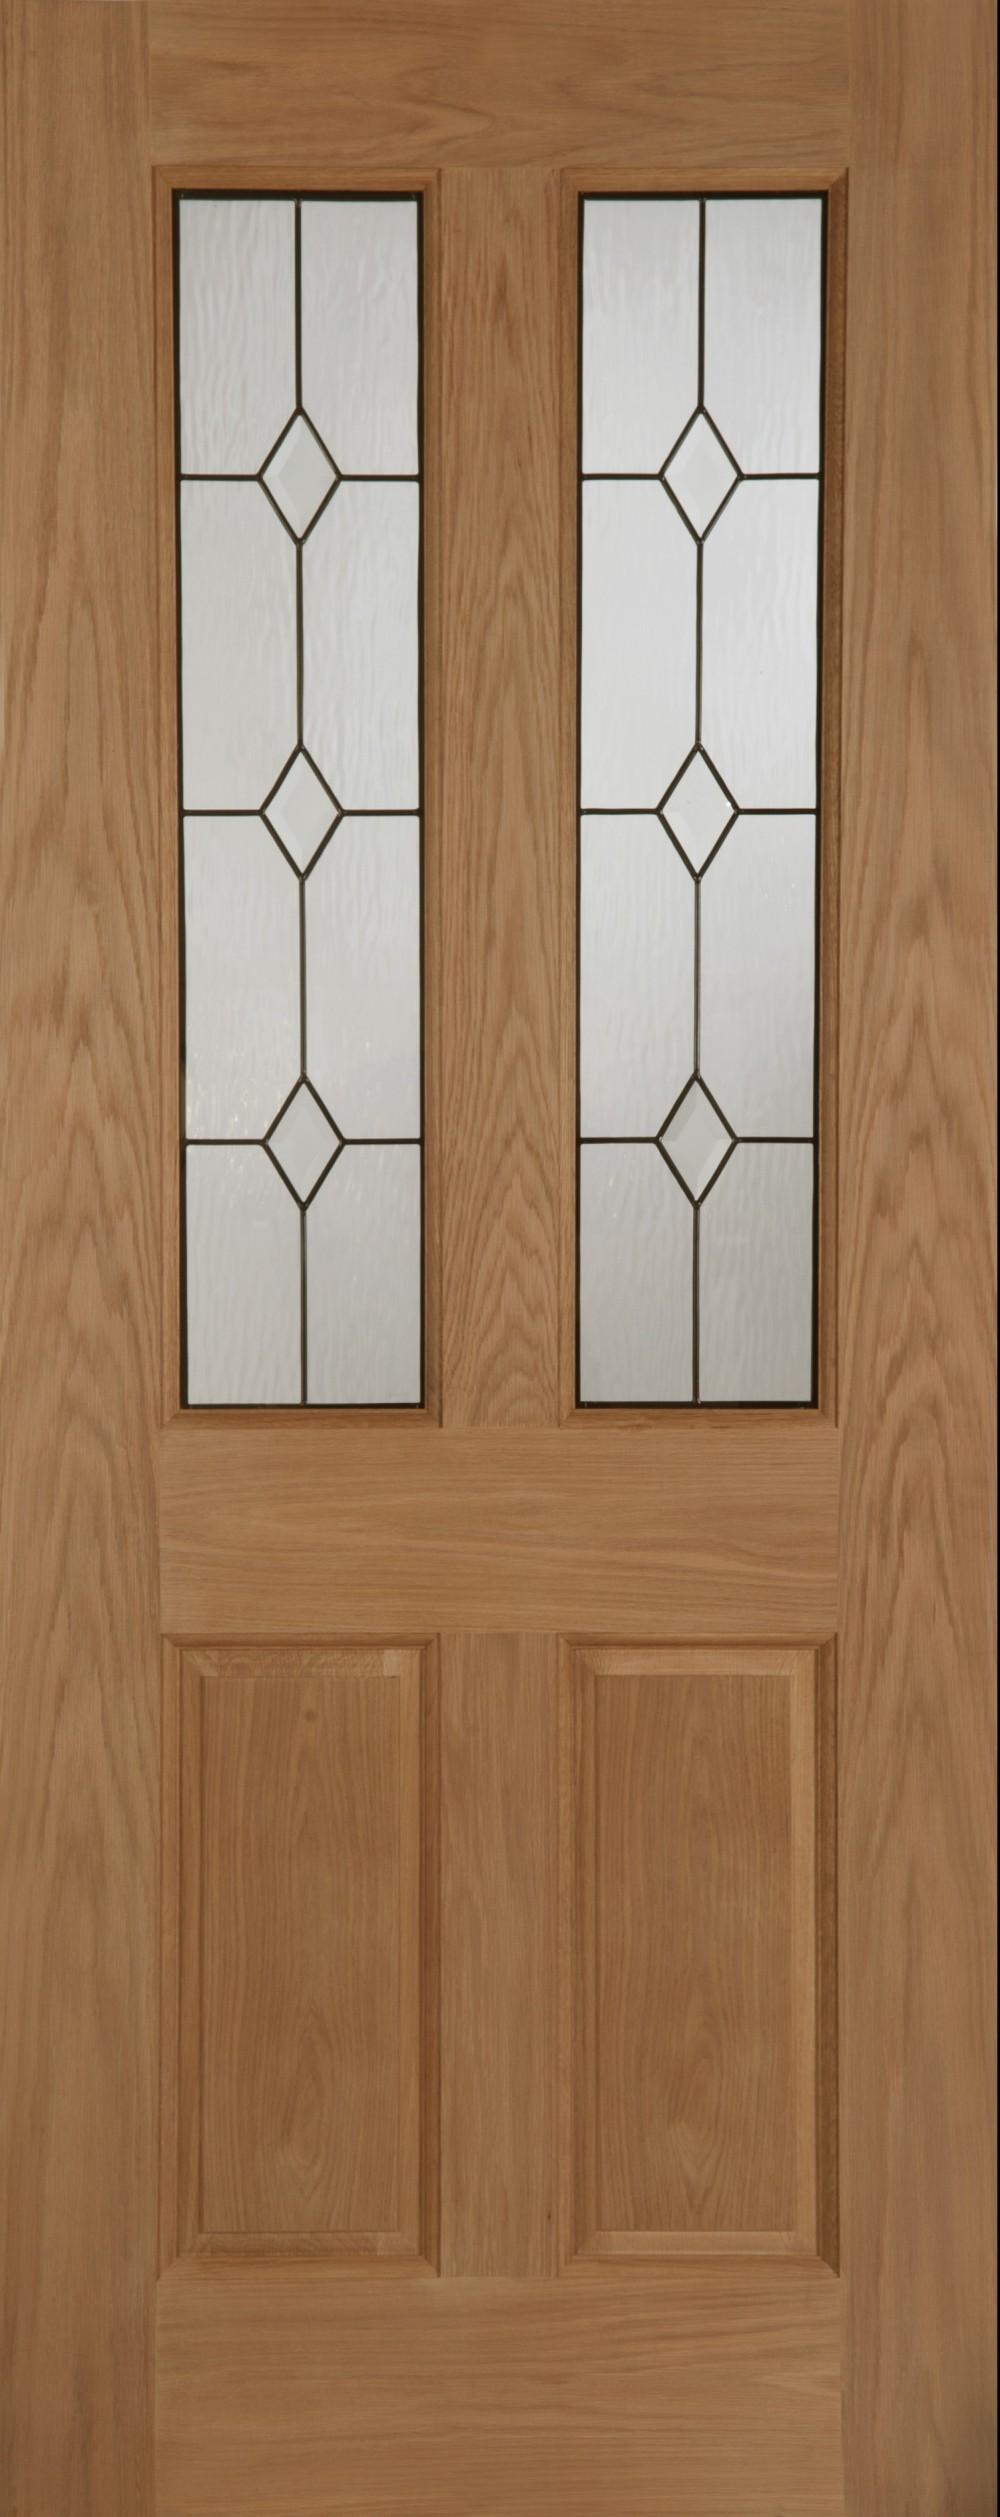 Edwardian diamond oak triple glazed external door for Triple glazed doors